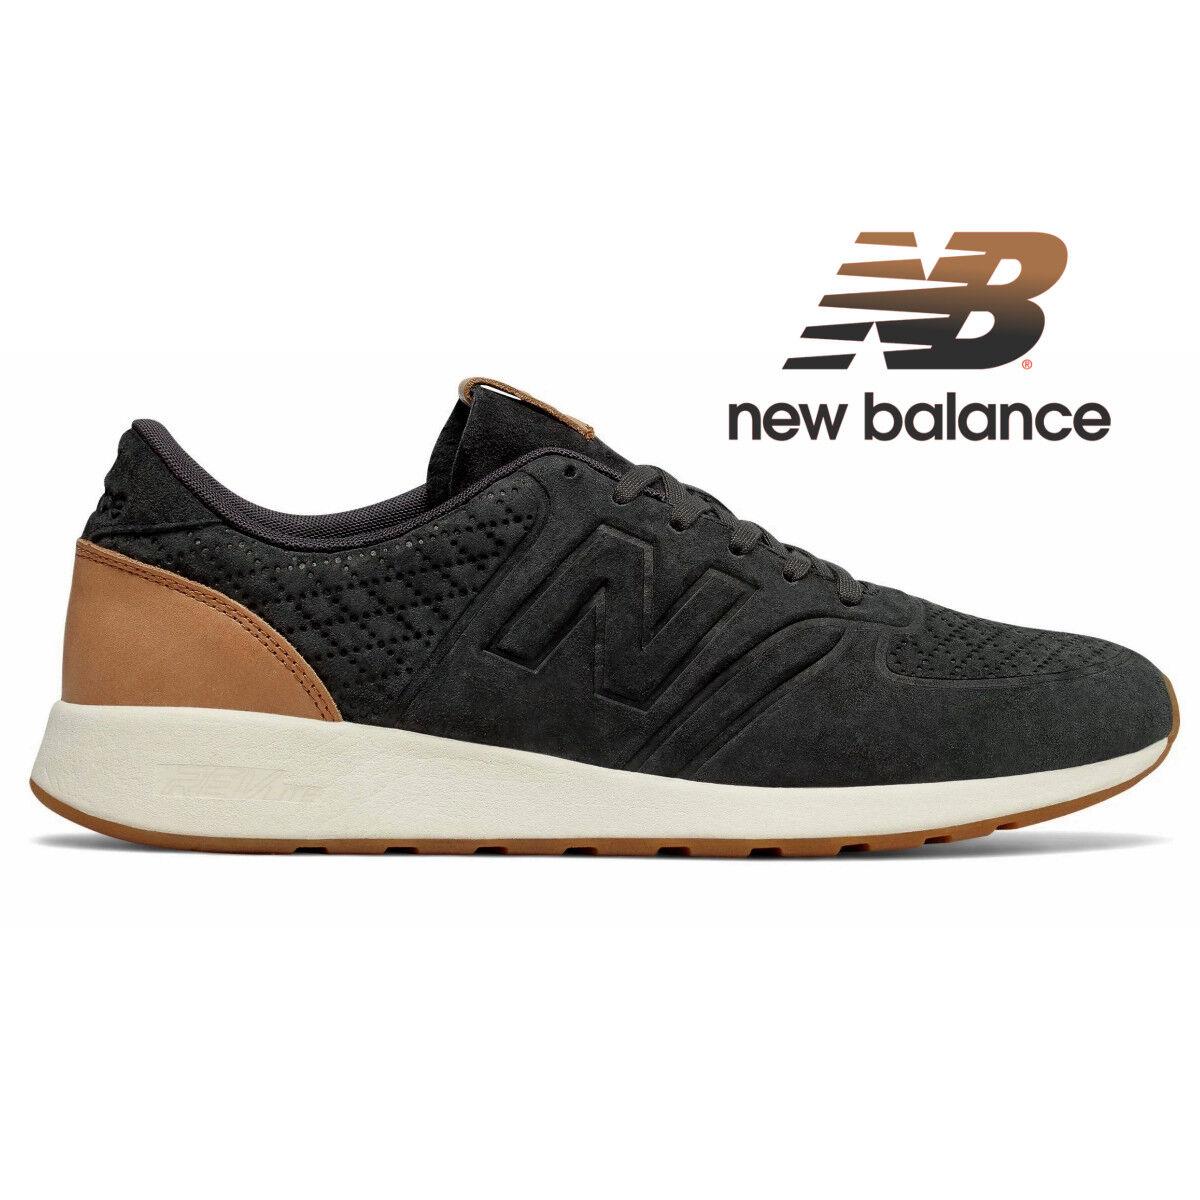 Nuevo para para 40 para para hombres zapatos para Nuevo correr Balance Zapatillas 443b78